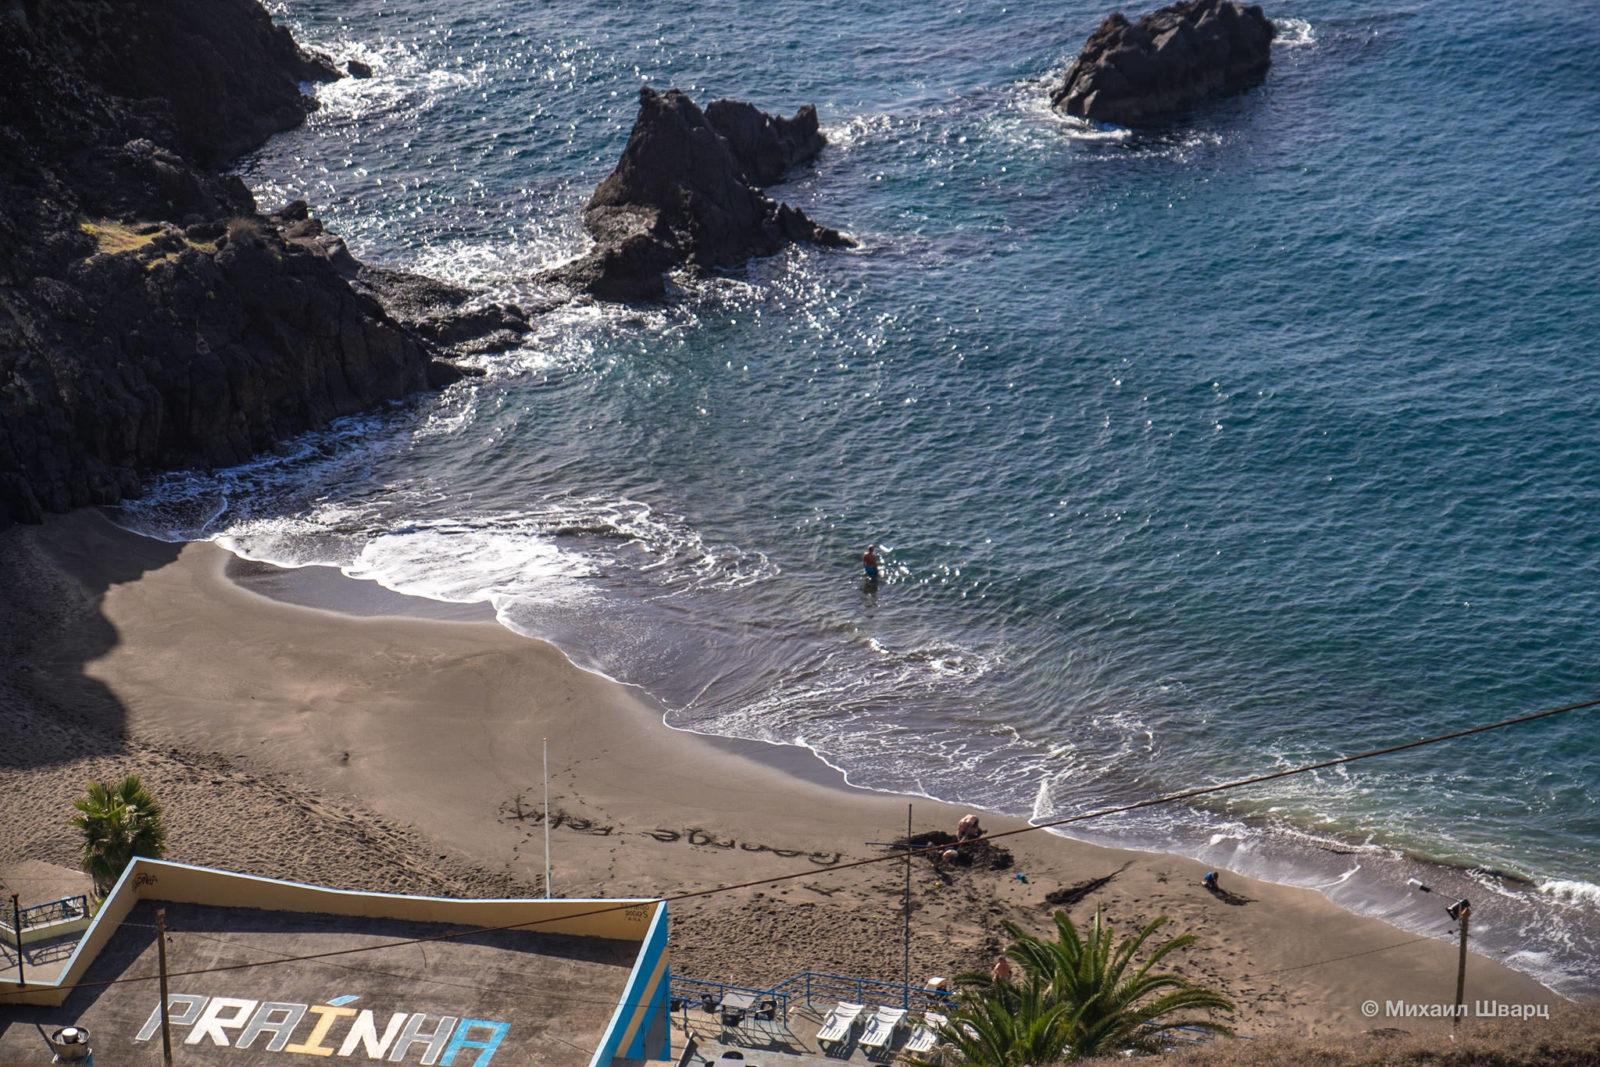 дресс-код пляжи в мадейра фото интересный вариант, когда